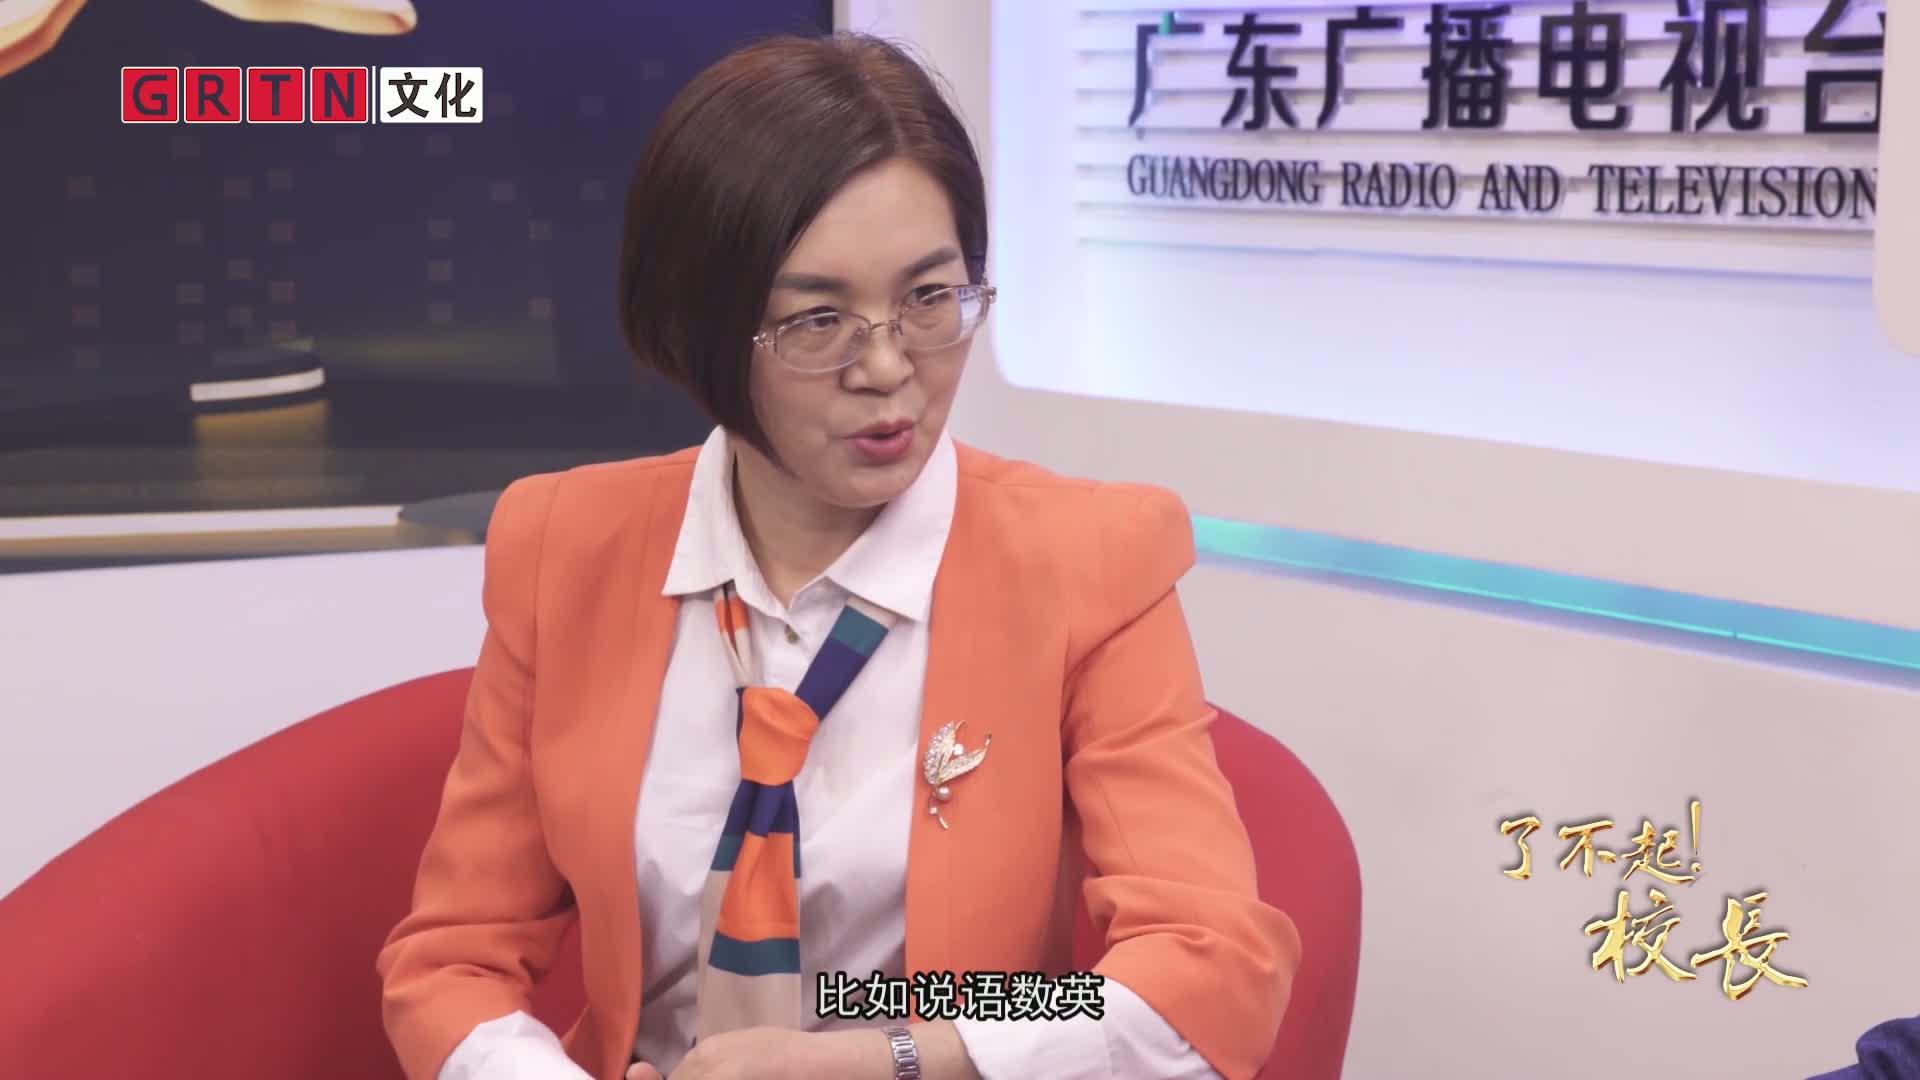 10、《了不起!校长》之广州市广外附设外语学校小学.mp4